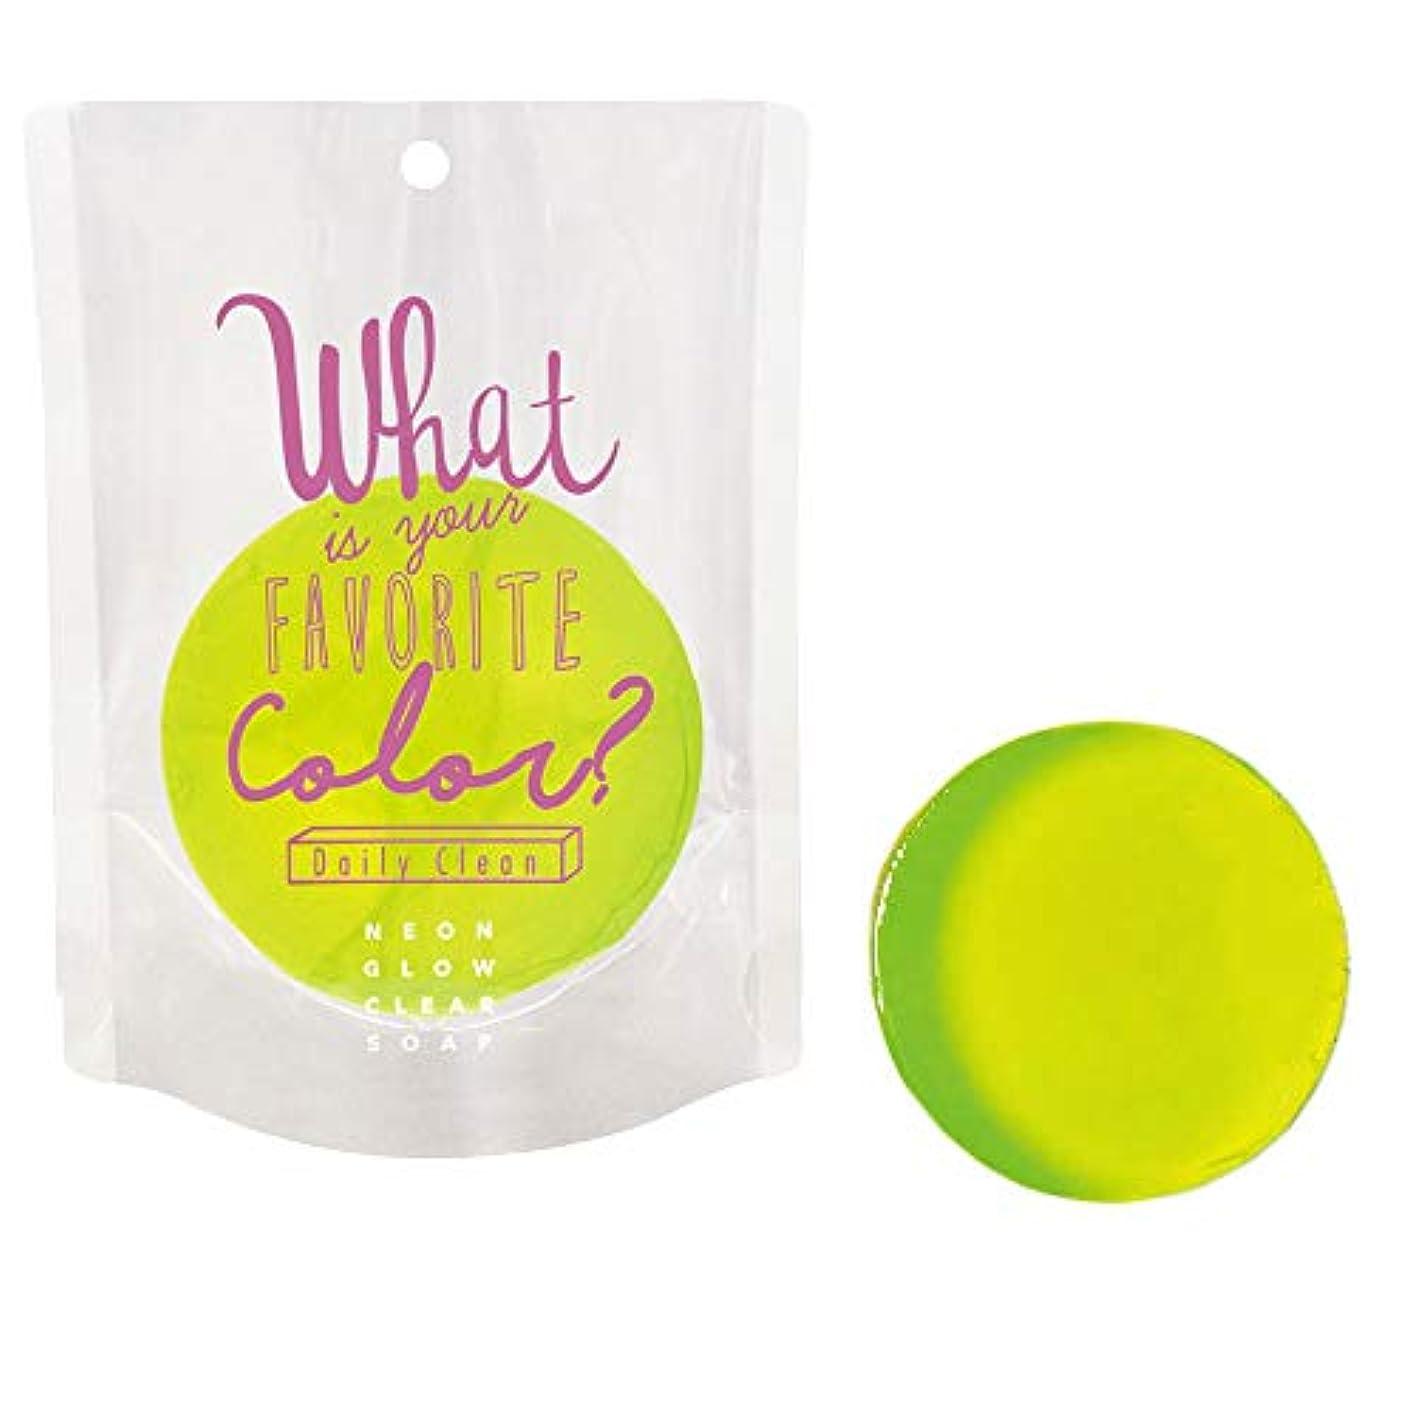 トランスミッション出来事国旗ネオングロークリアソープ ob-ngw-2-1-4(02/パパイヤ) Neon Glow Clear Soap 石鹸 ノルコーポレーション 固形 せっけん カラフル 香り 清潔 ギフト プレゼント